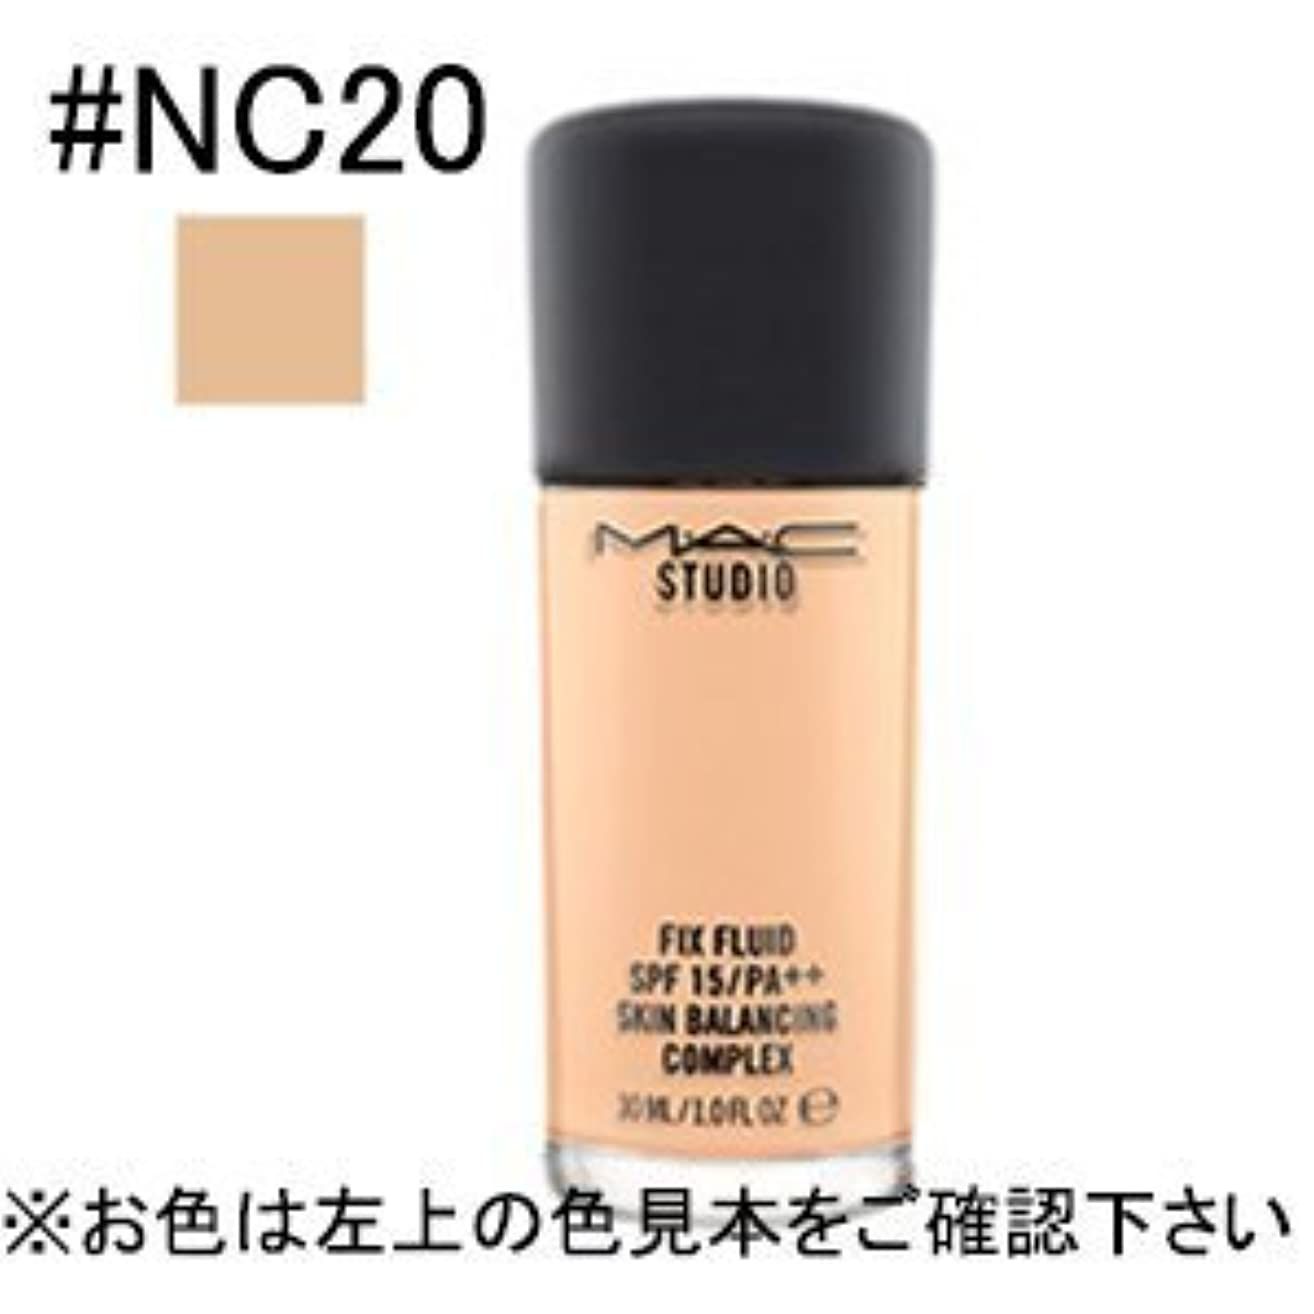 舗装供給なくなる【MAC リキッドファンデーション】スタジオ フィックス フルイッド #NC20